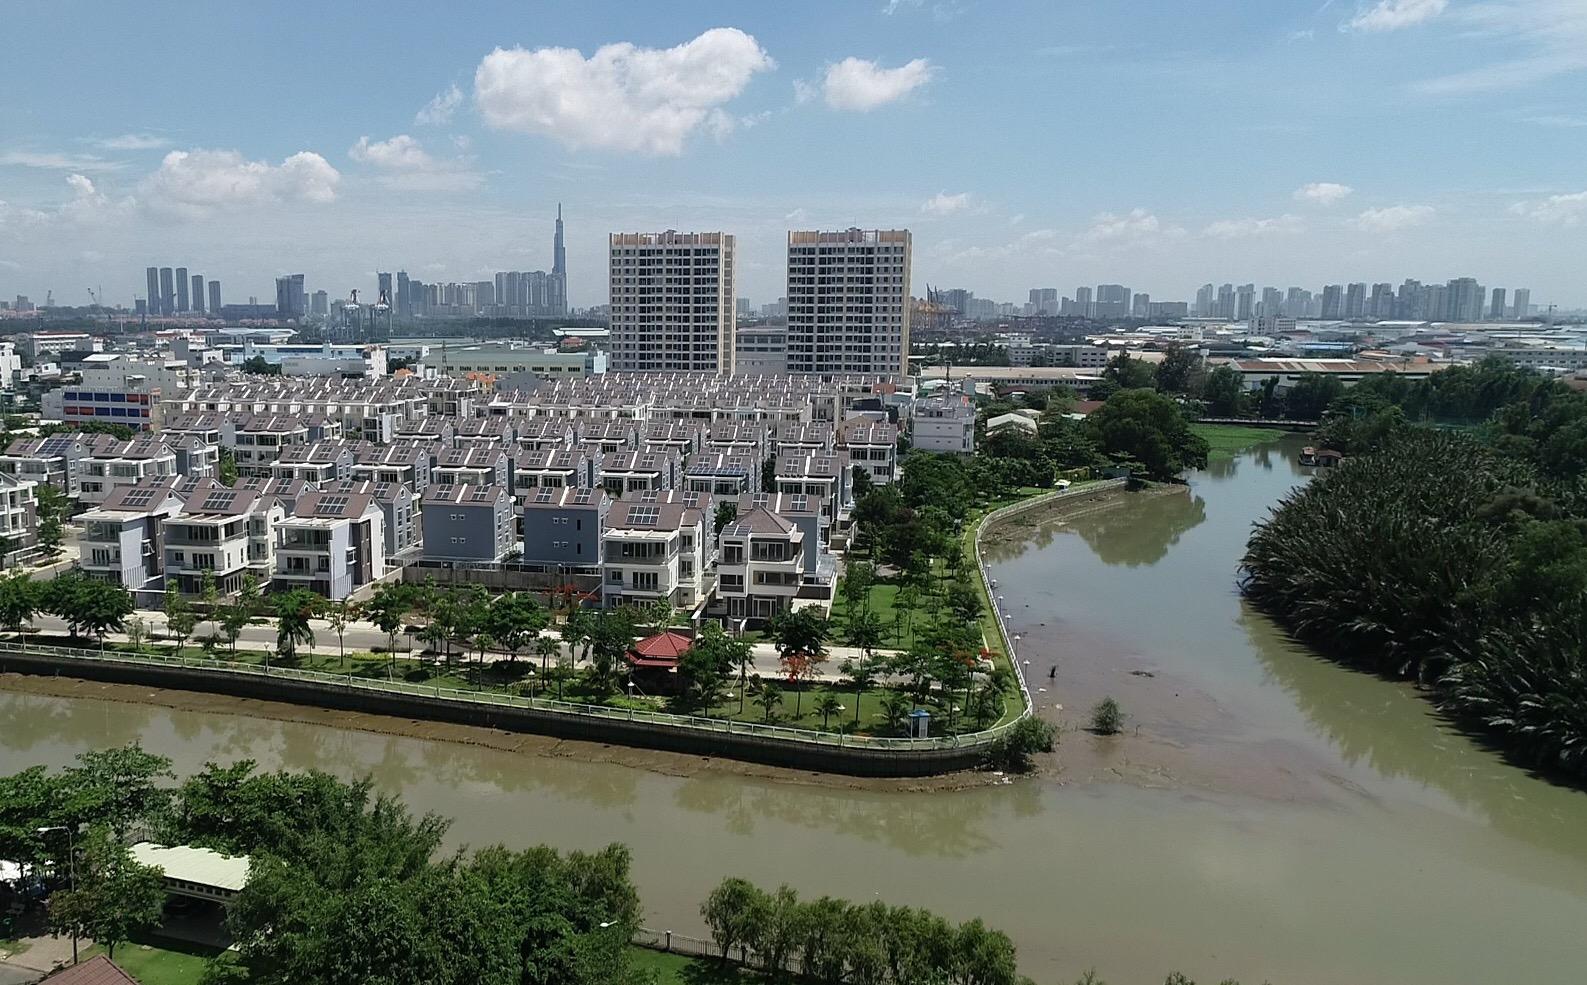 Nhà đất đô thị ven sông tại TP.HCM ngày càng được ưa chuộng